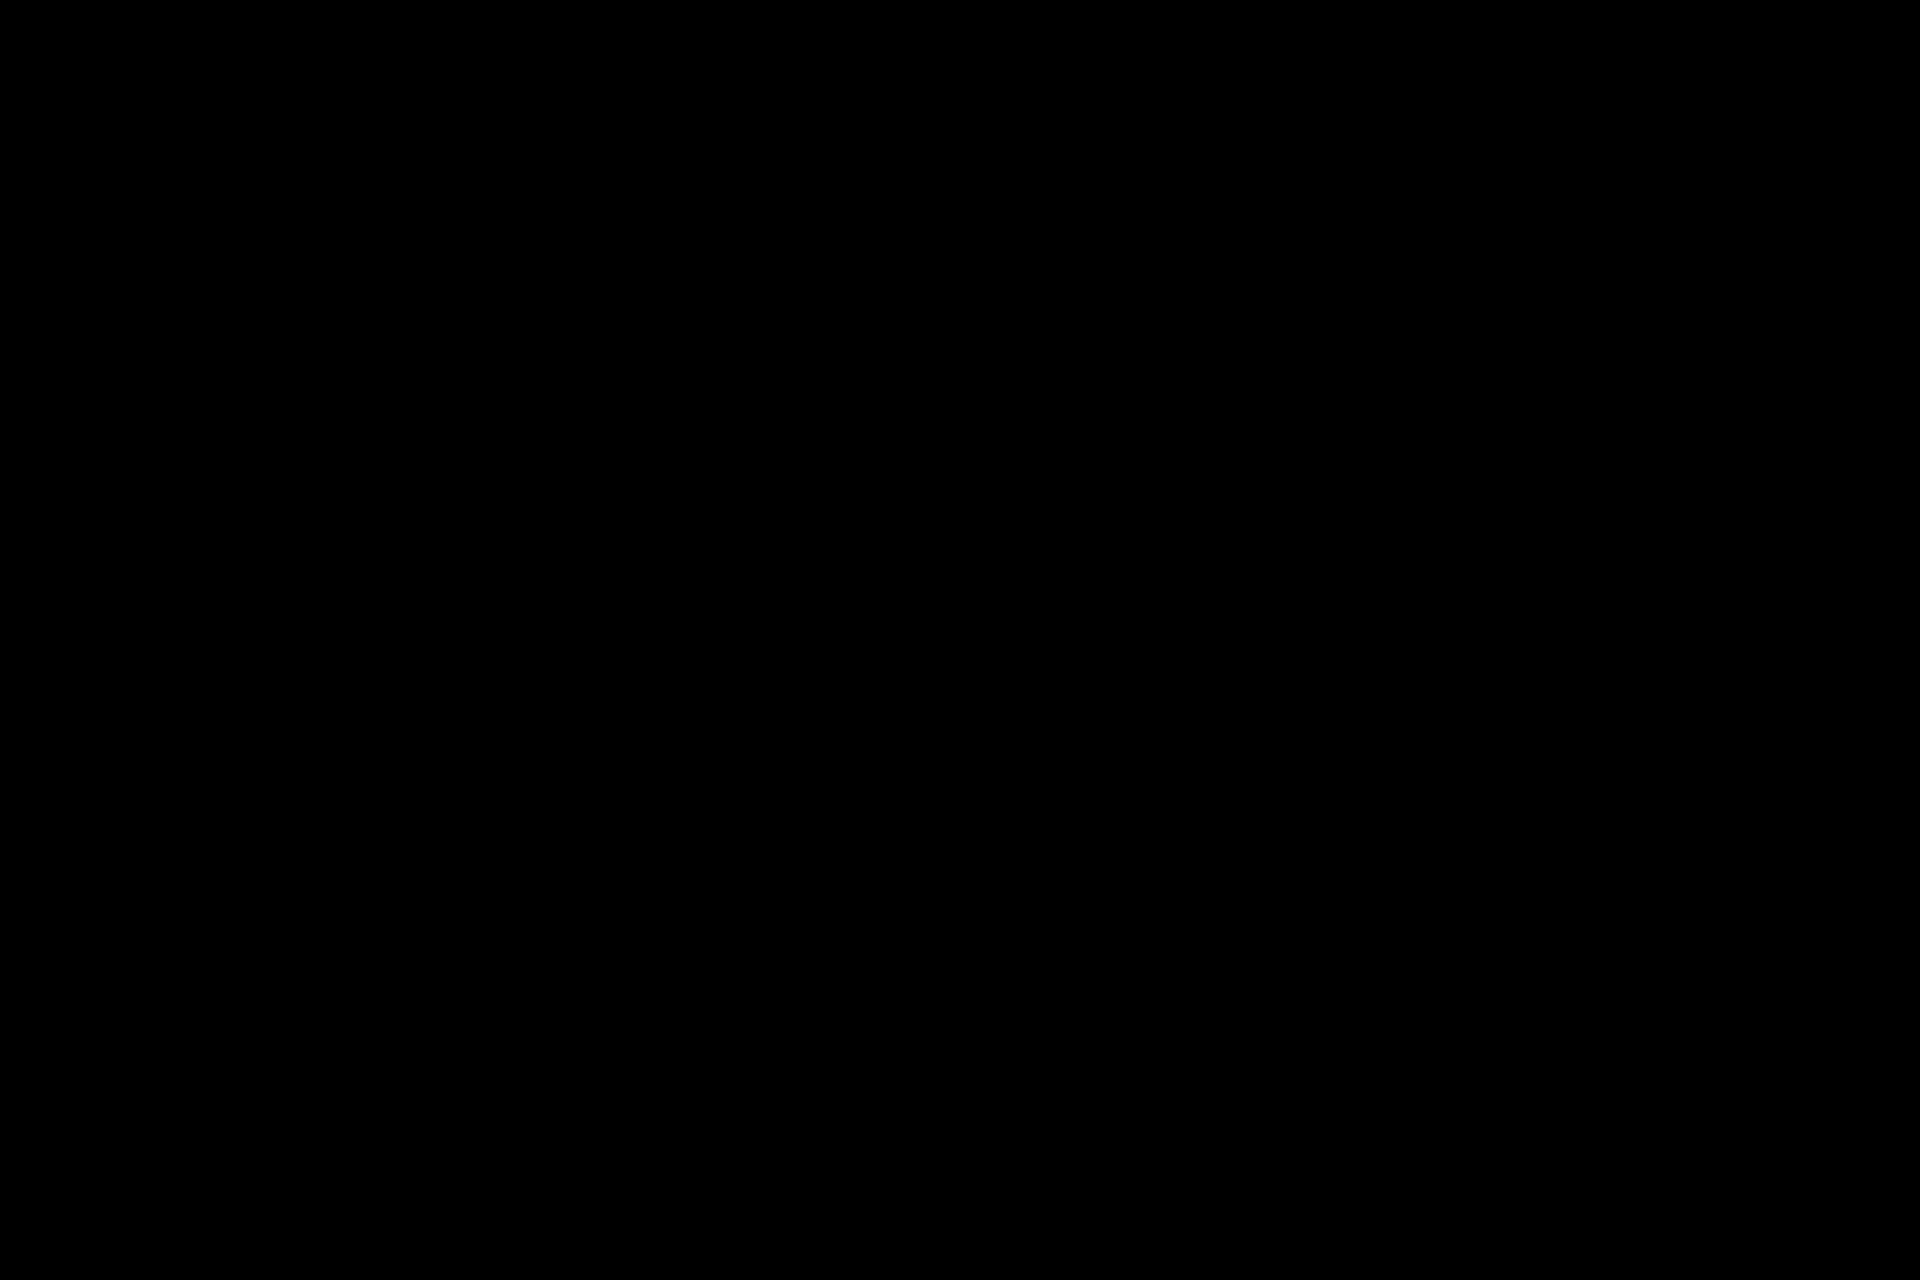 stryker referenz jentner metallveredelung logo sw